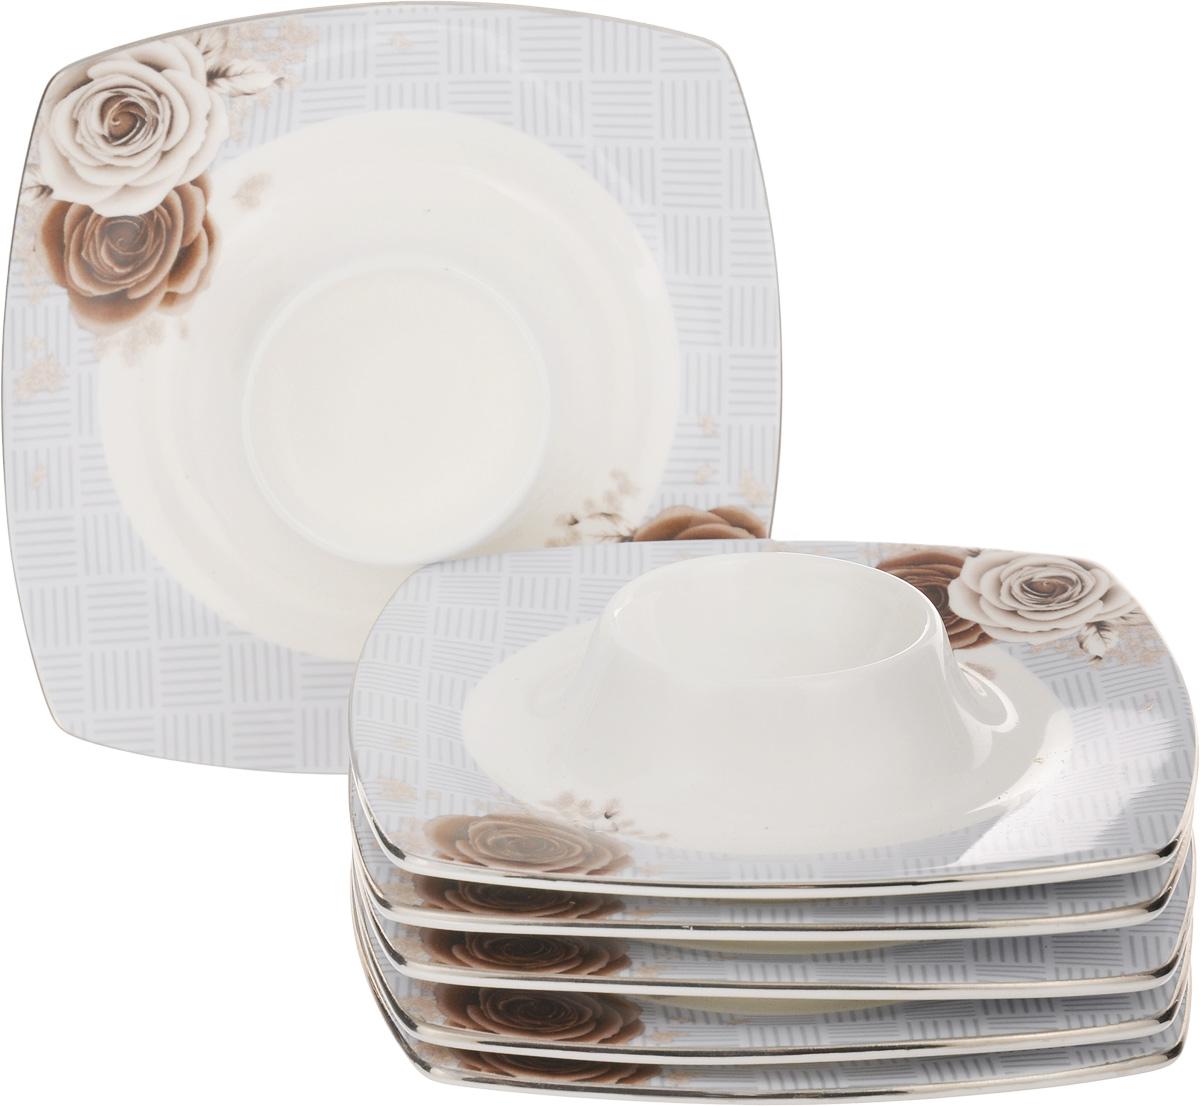 Набор подставок под яйцо Family & Friends Дэниш, 12 х 12 см, 6 штPR8003нНабор Family & Friends Дэниш, выполненный из фарфора, состоит из 6 квадратных подставок, предназначенных для красивой подачи яиц. Изделия украшены цветочным рисунком. Набор сочетает в себе стильный дизайн с максимальной функциональностью. Оригинальность оформления придется по вкусу и ценителям классики, и тем, кто предпочитает утонченность и изящность. Диаметр отверстия для яйца: 4,5 см. Размер подставки: 12 х 12 х 1,5 см.